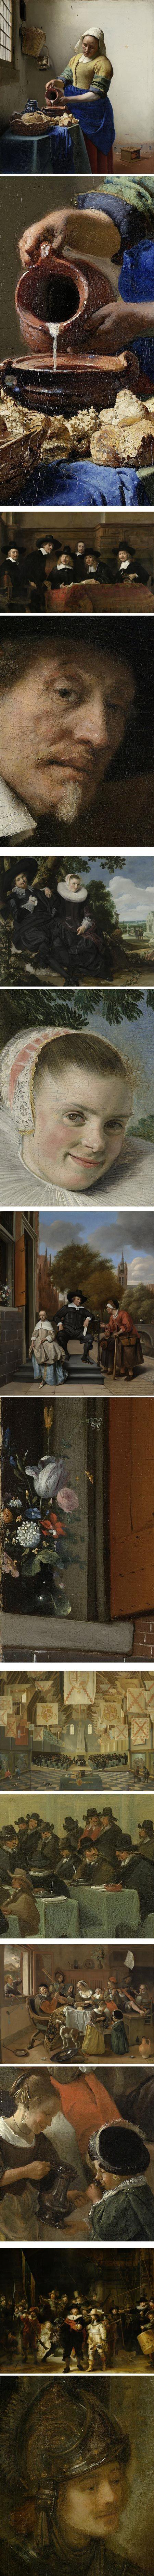 Rijksmuseum's selection for US President's visit:  Johnnes Vermeer, Rembrandt van Rijn, Frans Hals, Jan Havicksz Steen, Bartholomeus van Bas...